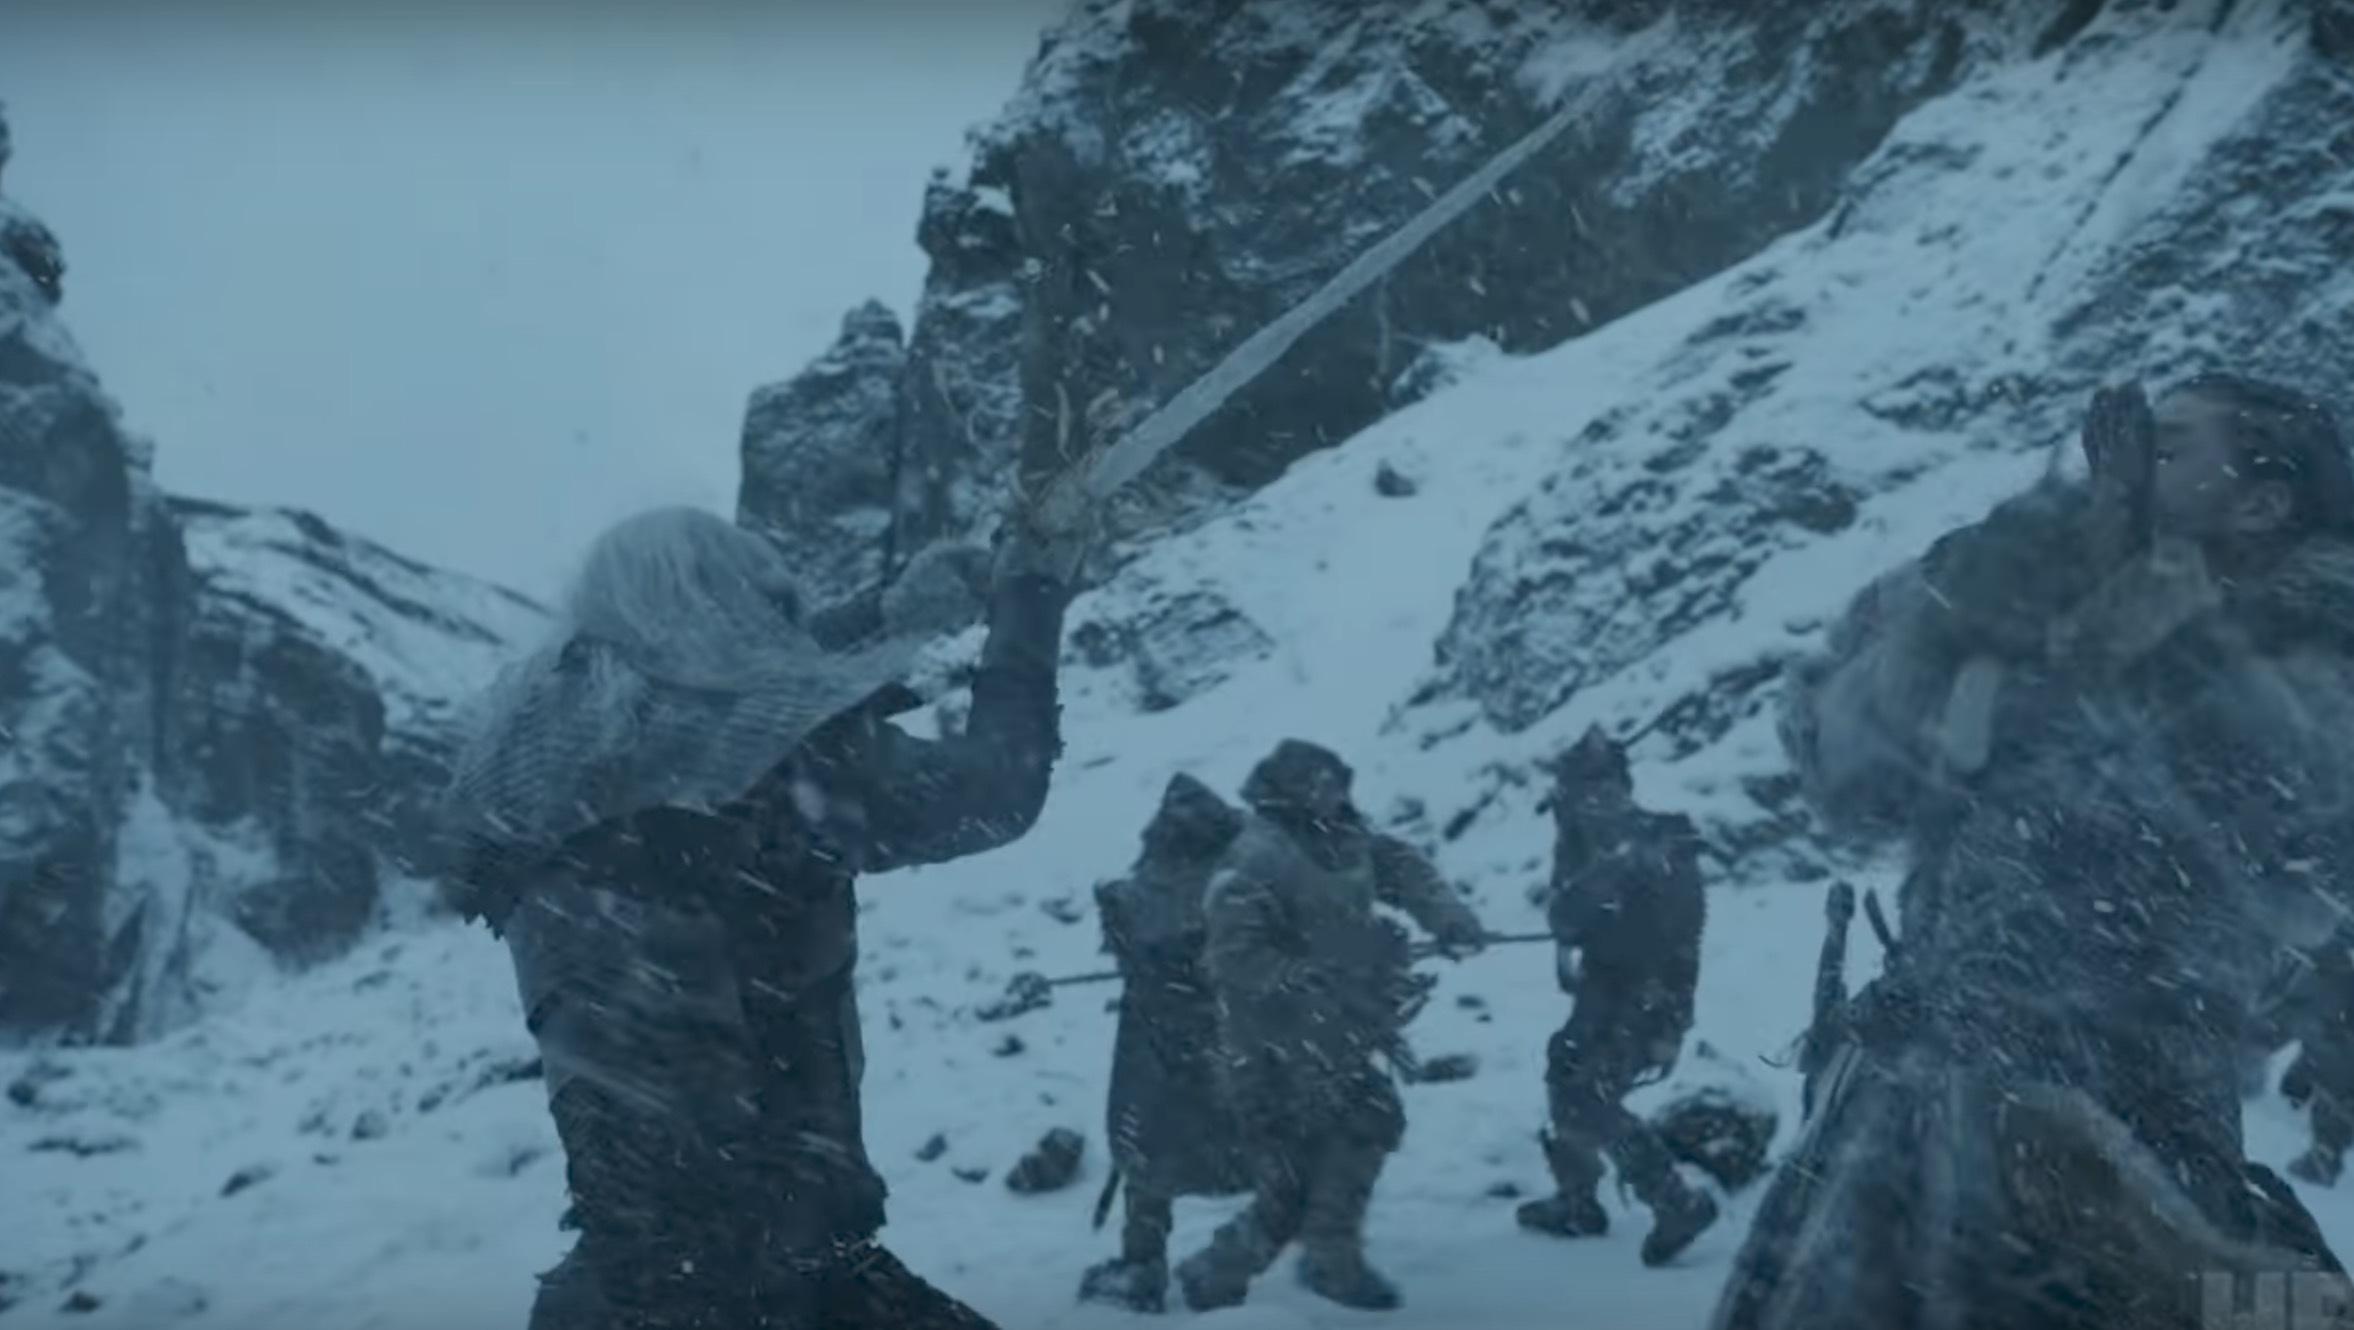 Ser ut som att Jon Snow slåss mot en white walker här, inte bara en wight.